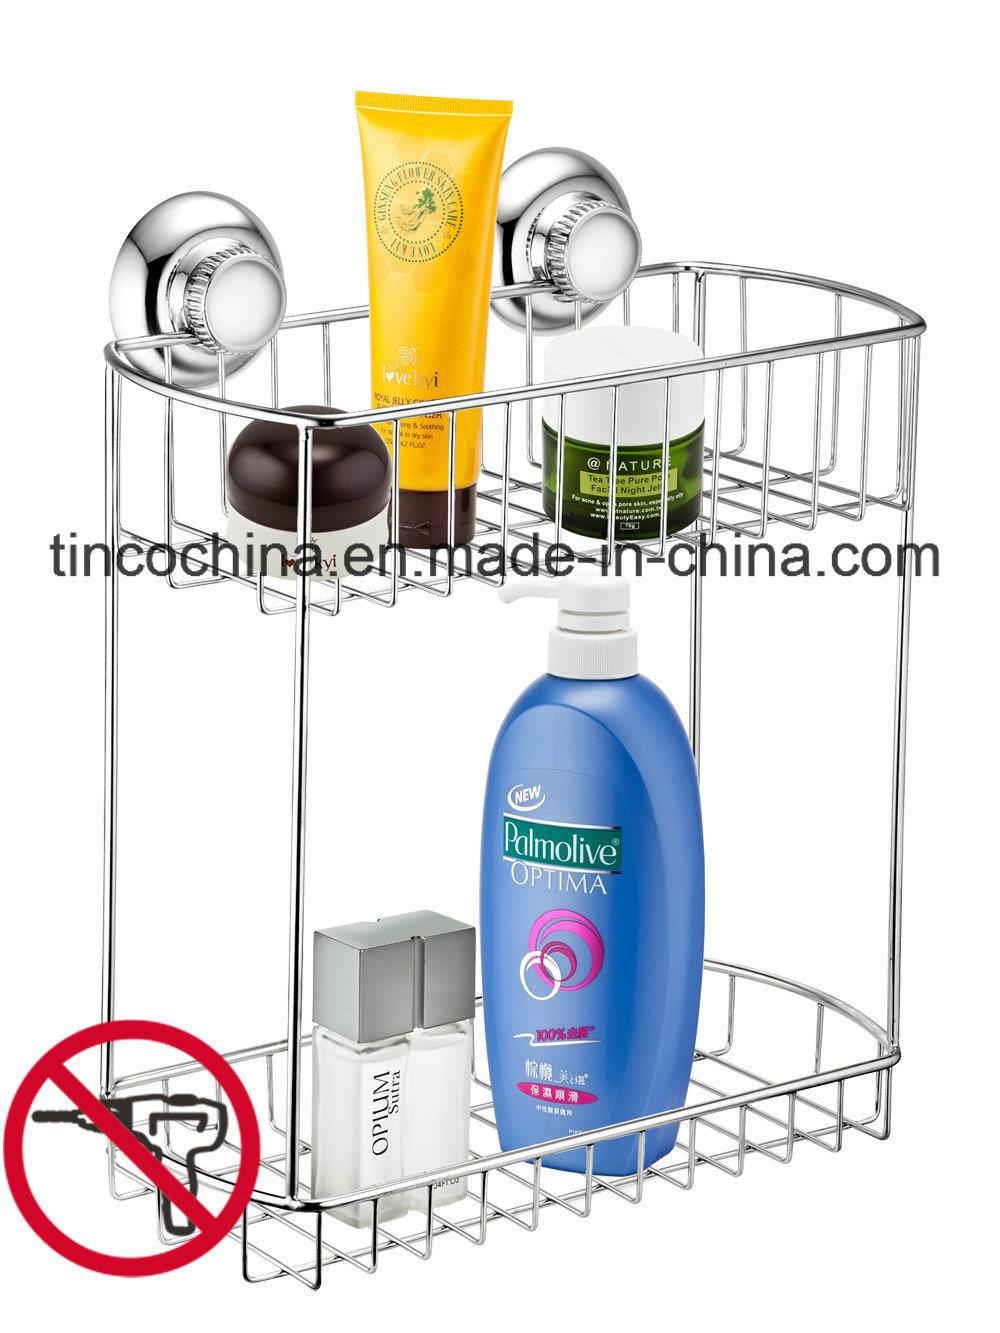 Rectangular Basket Stainless Steel 18/8 Bath Shower Organizer